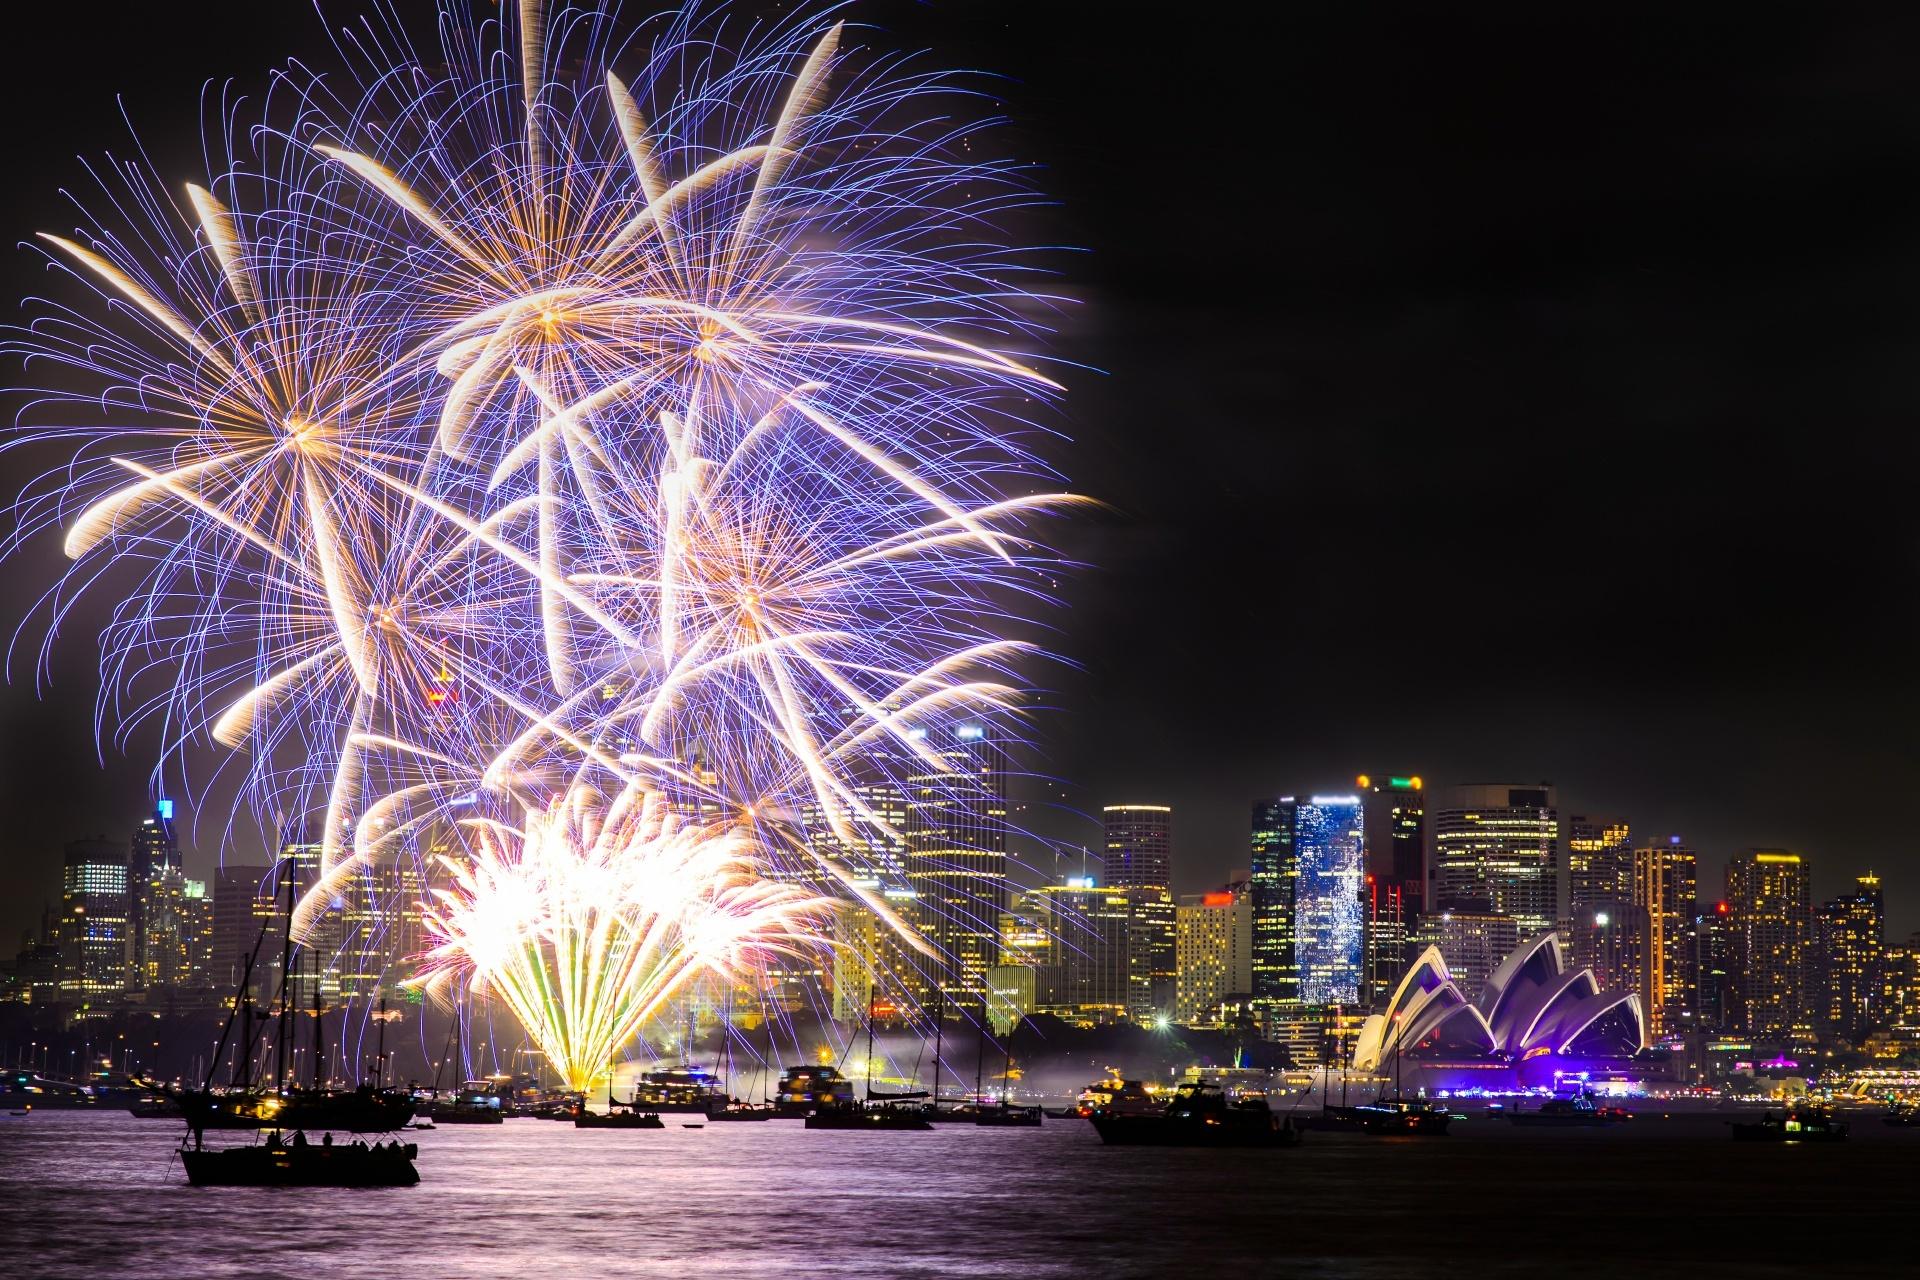 花火と大晦日のシドニーの風景 オーストラリアの風景